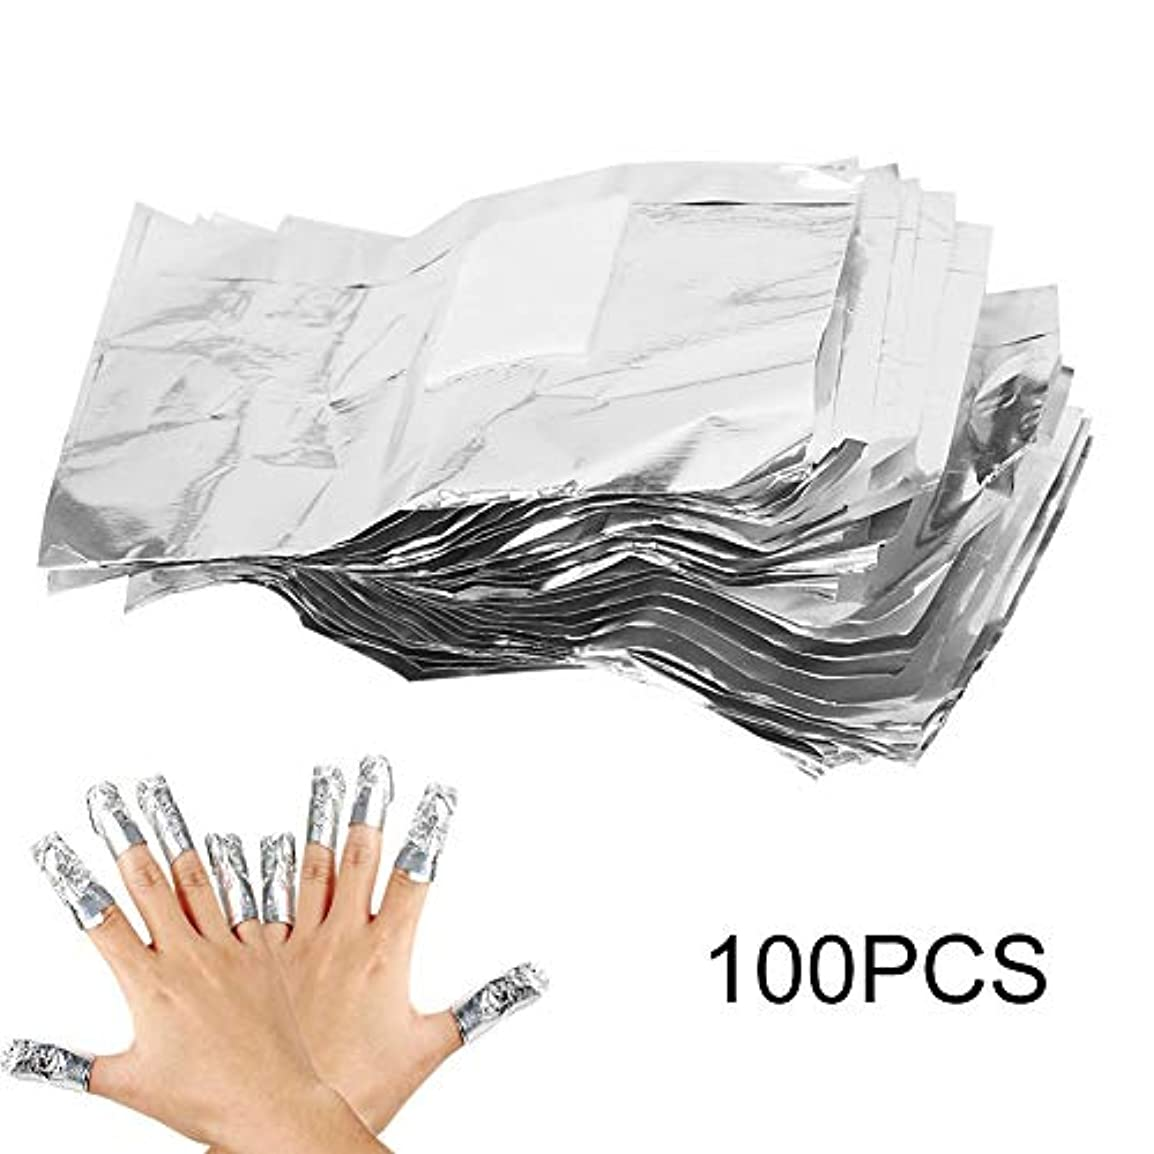 ましい鬼ごっこ買収ネイルポリッシュリムーバークリップ マニキュアの除去剤 錫ホイル 100Pcs オレンジ 色棒付き紫外線ゲルの除去剤の綿パッドを包みます